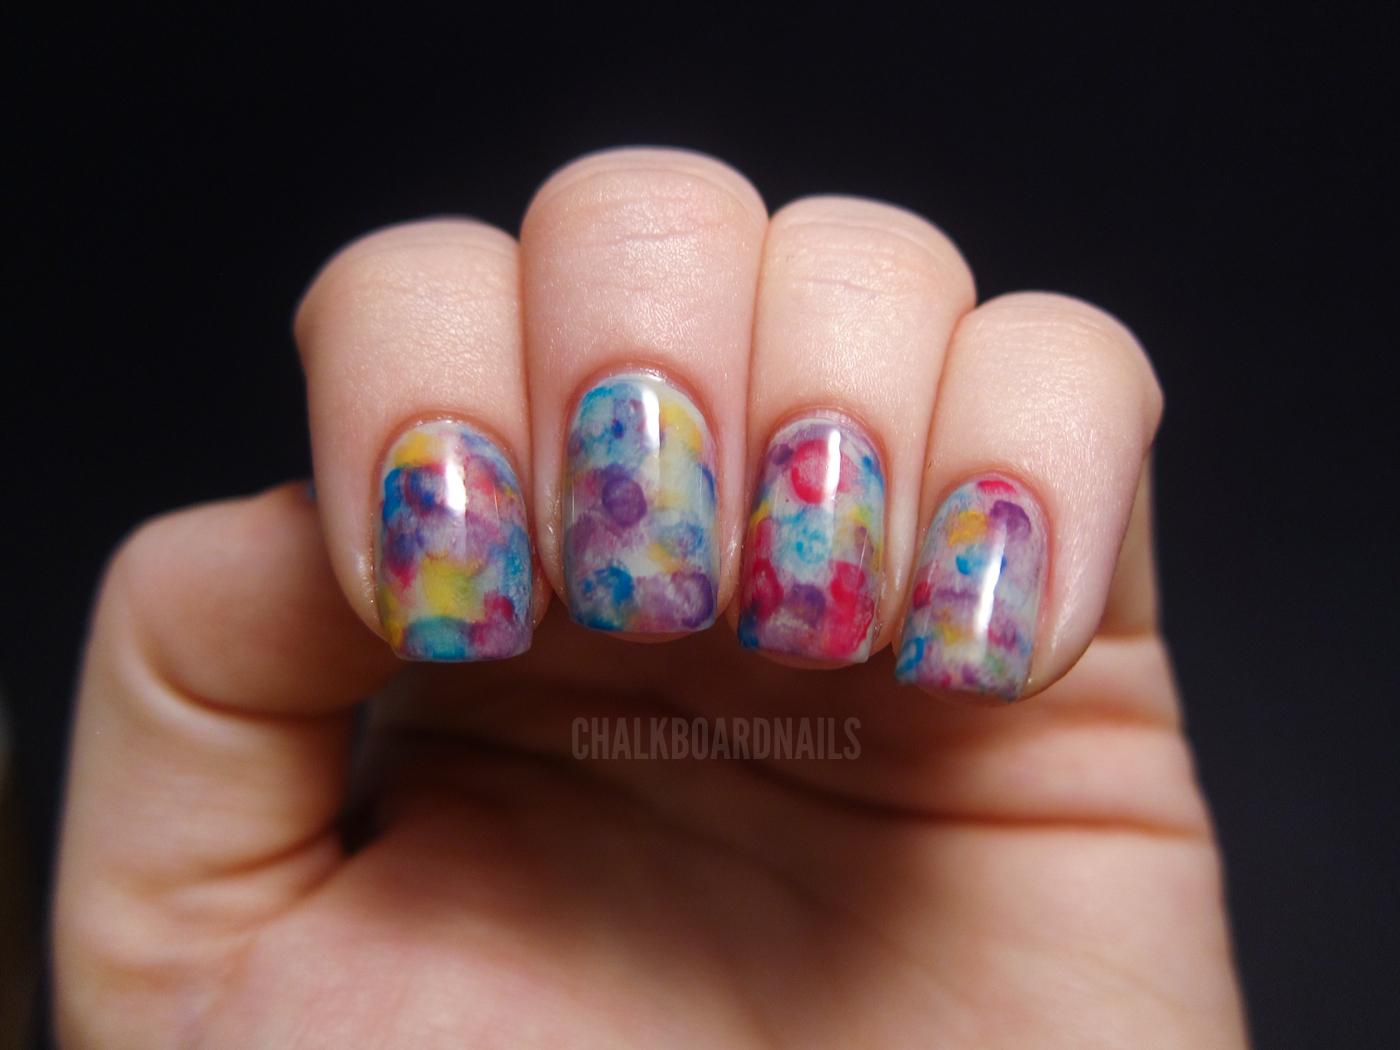 Watercolor Nails | Chalkboard Nails | Nail Art Blog